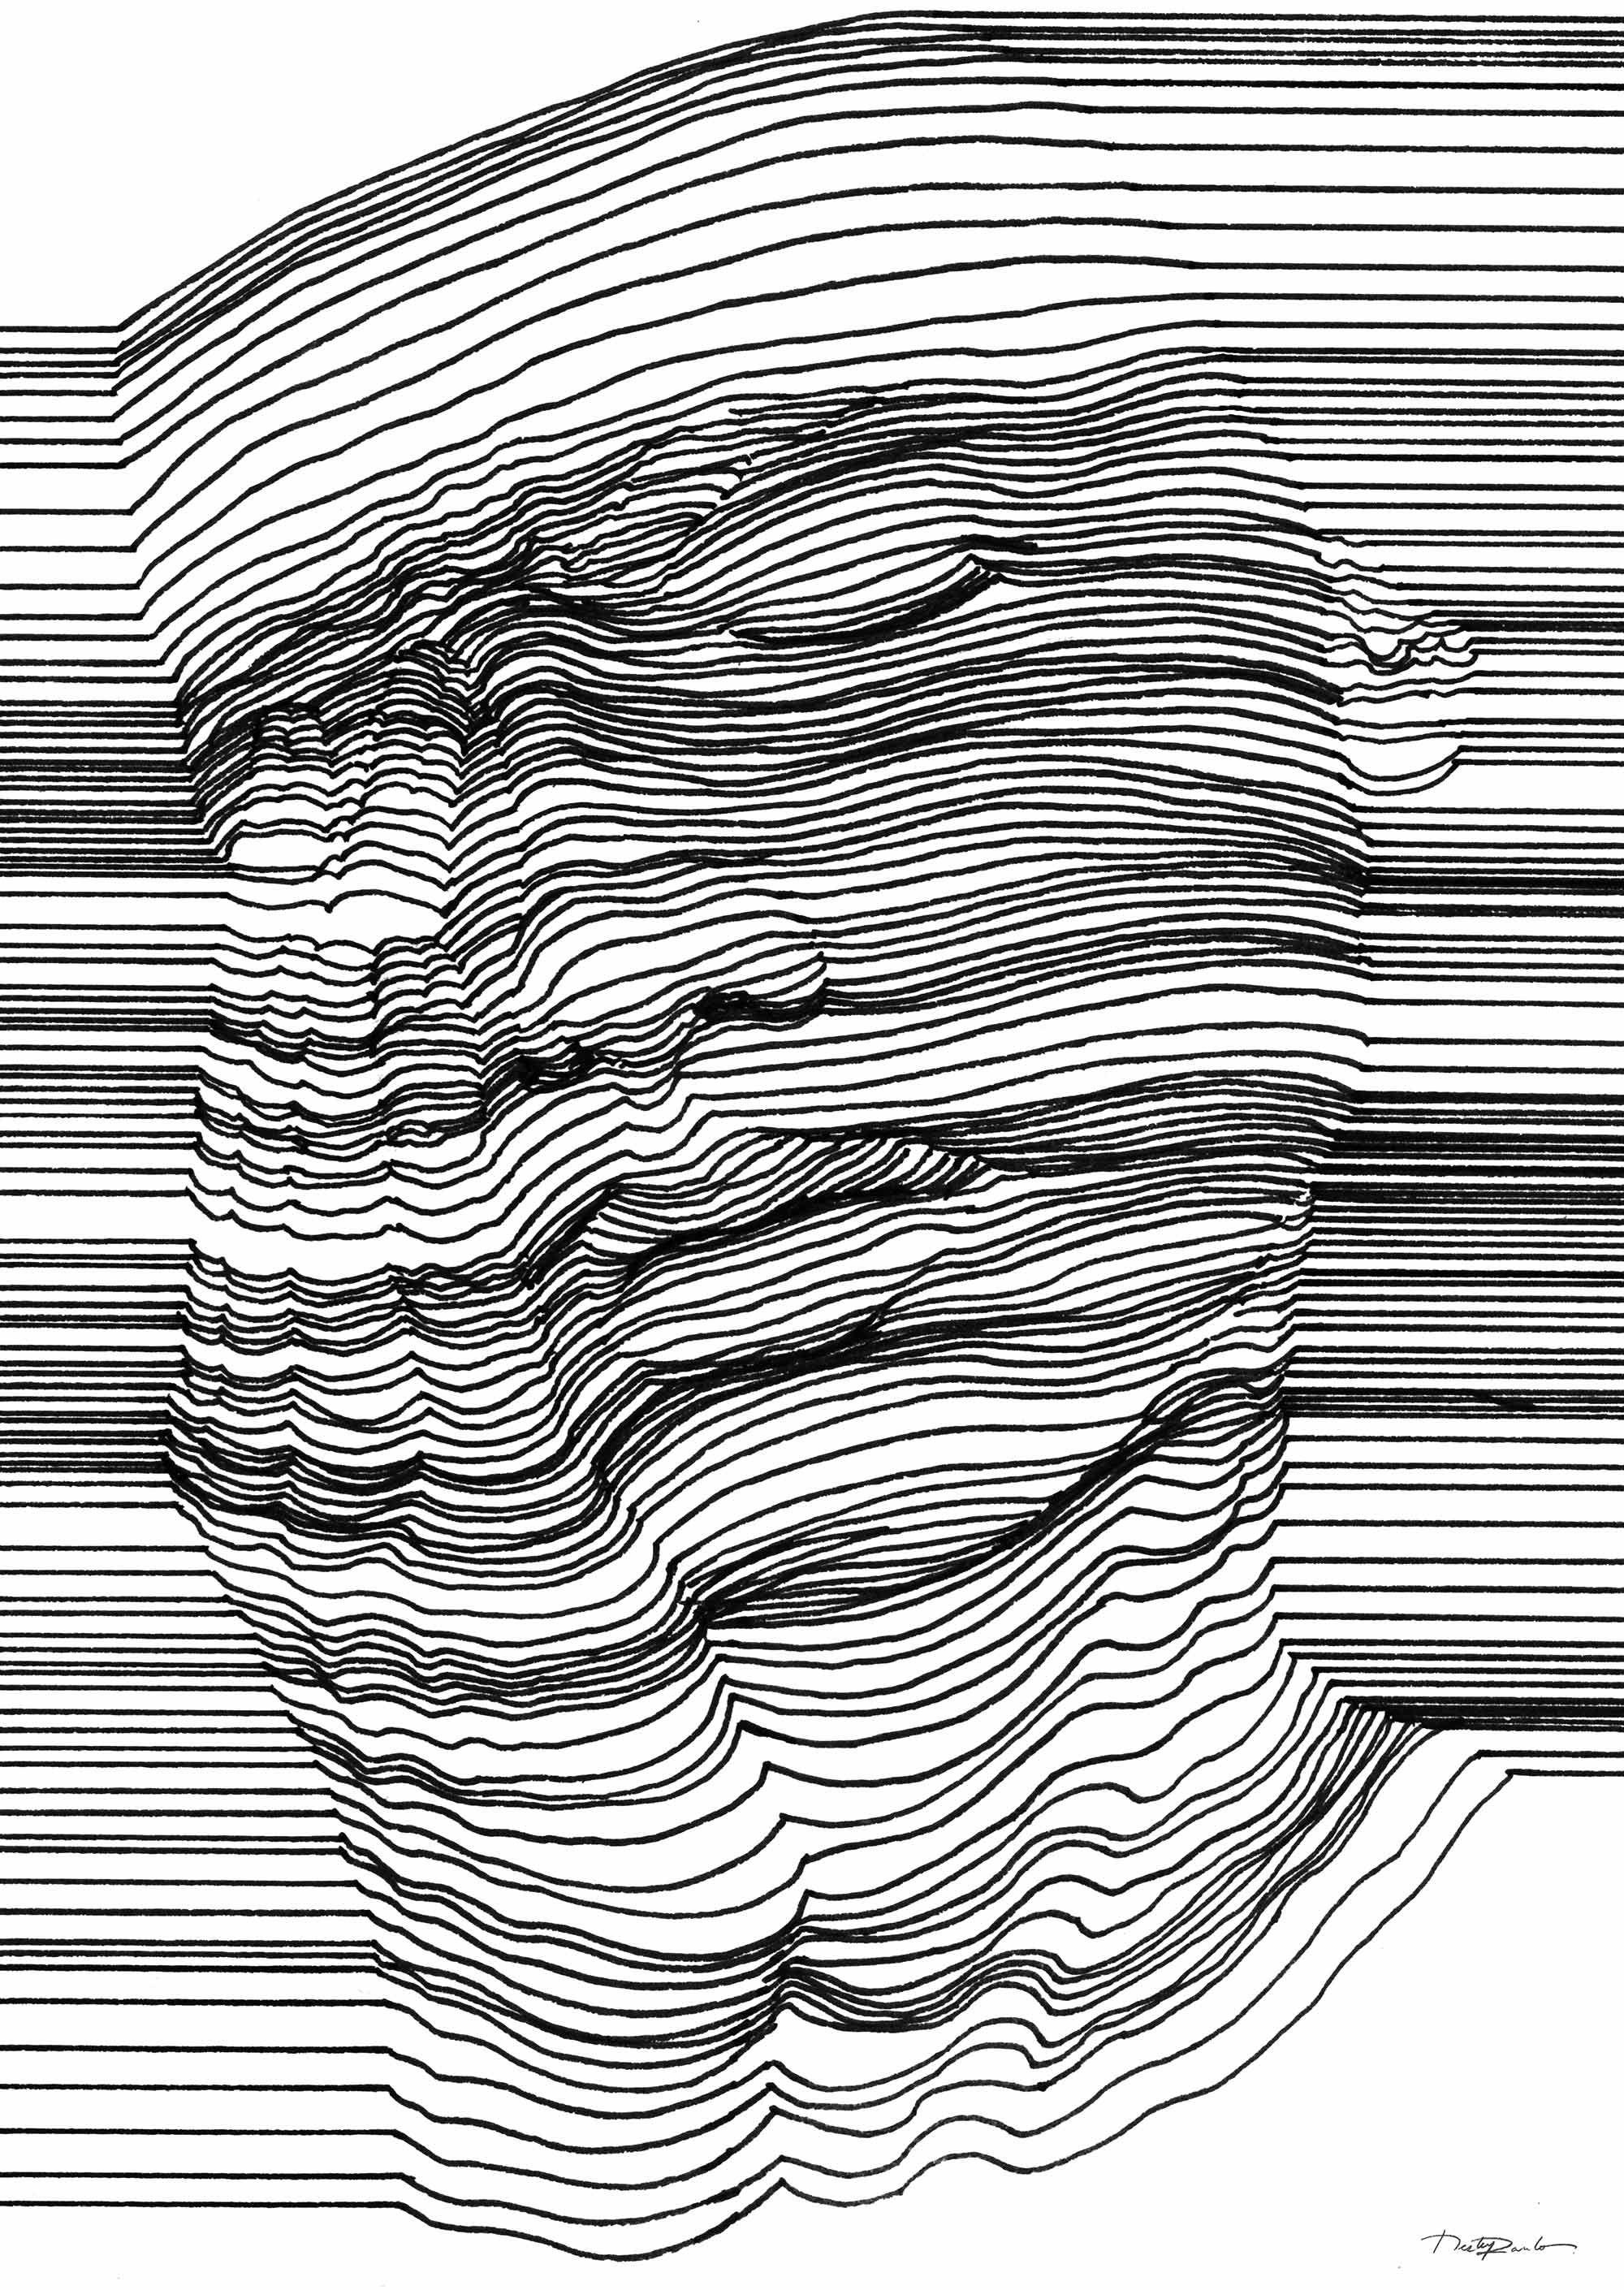 3d Line Art : Sensual d line art by nester formentera net tekenen en